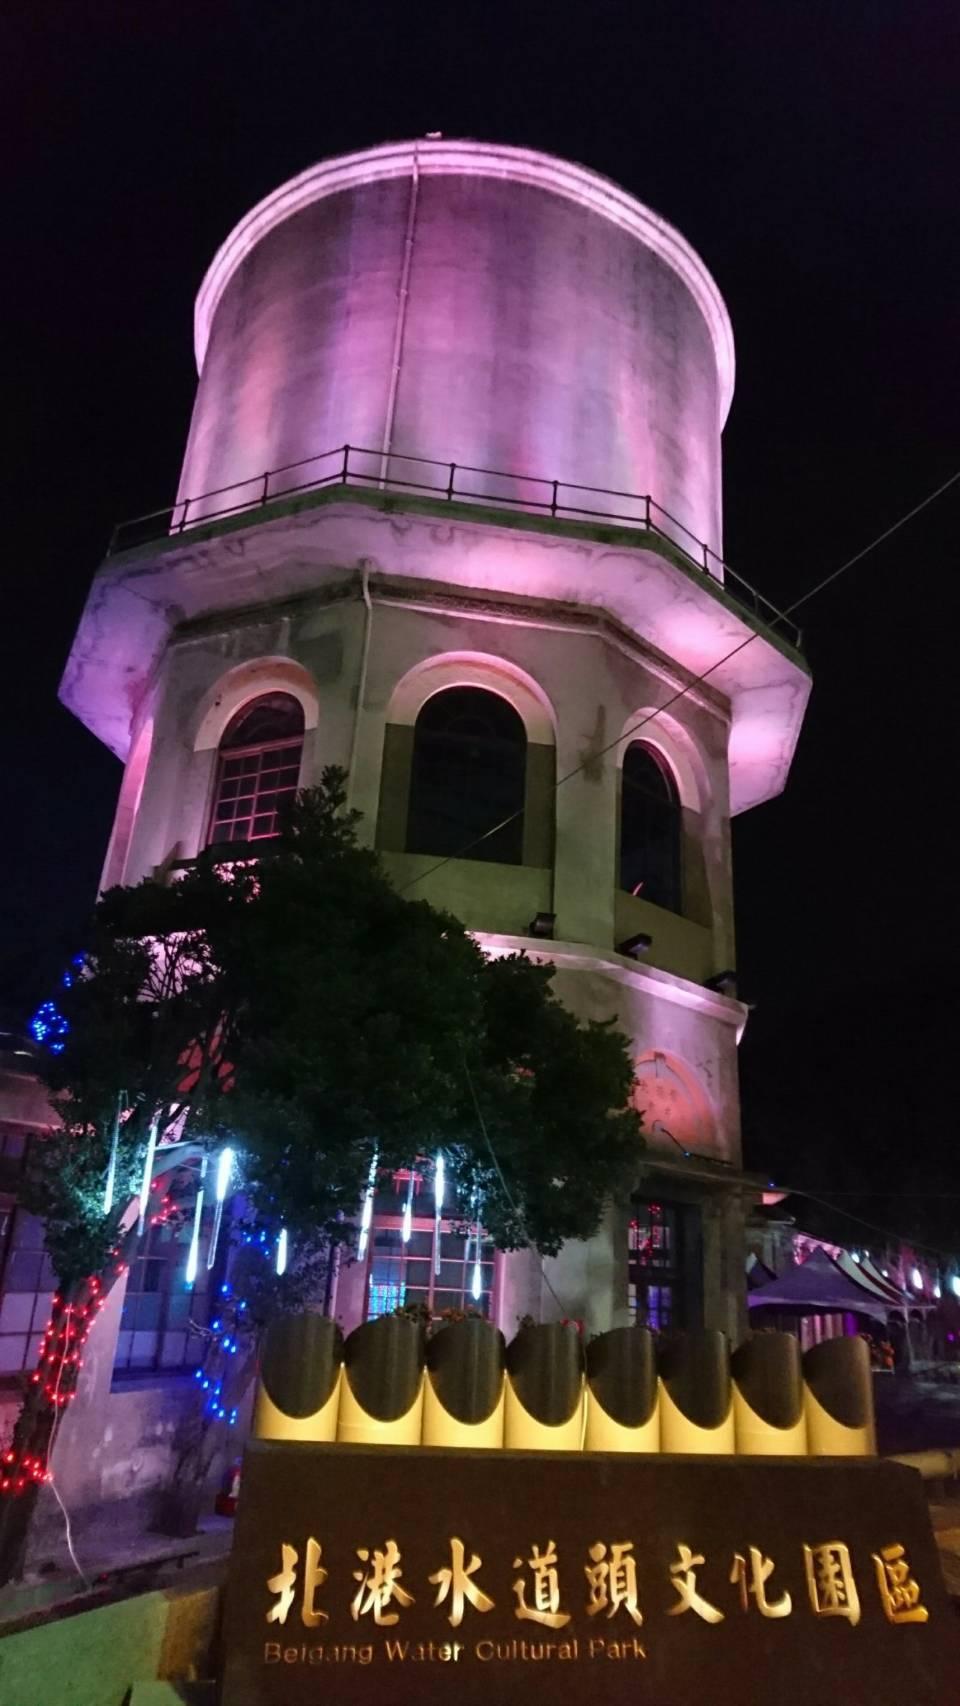 水道頭燈區是全國唯一的水塔辦公室重建後,成為圓體花燈。記者蔡維斌/攝影